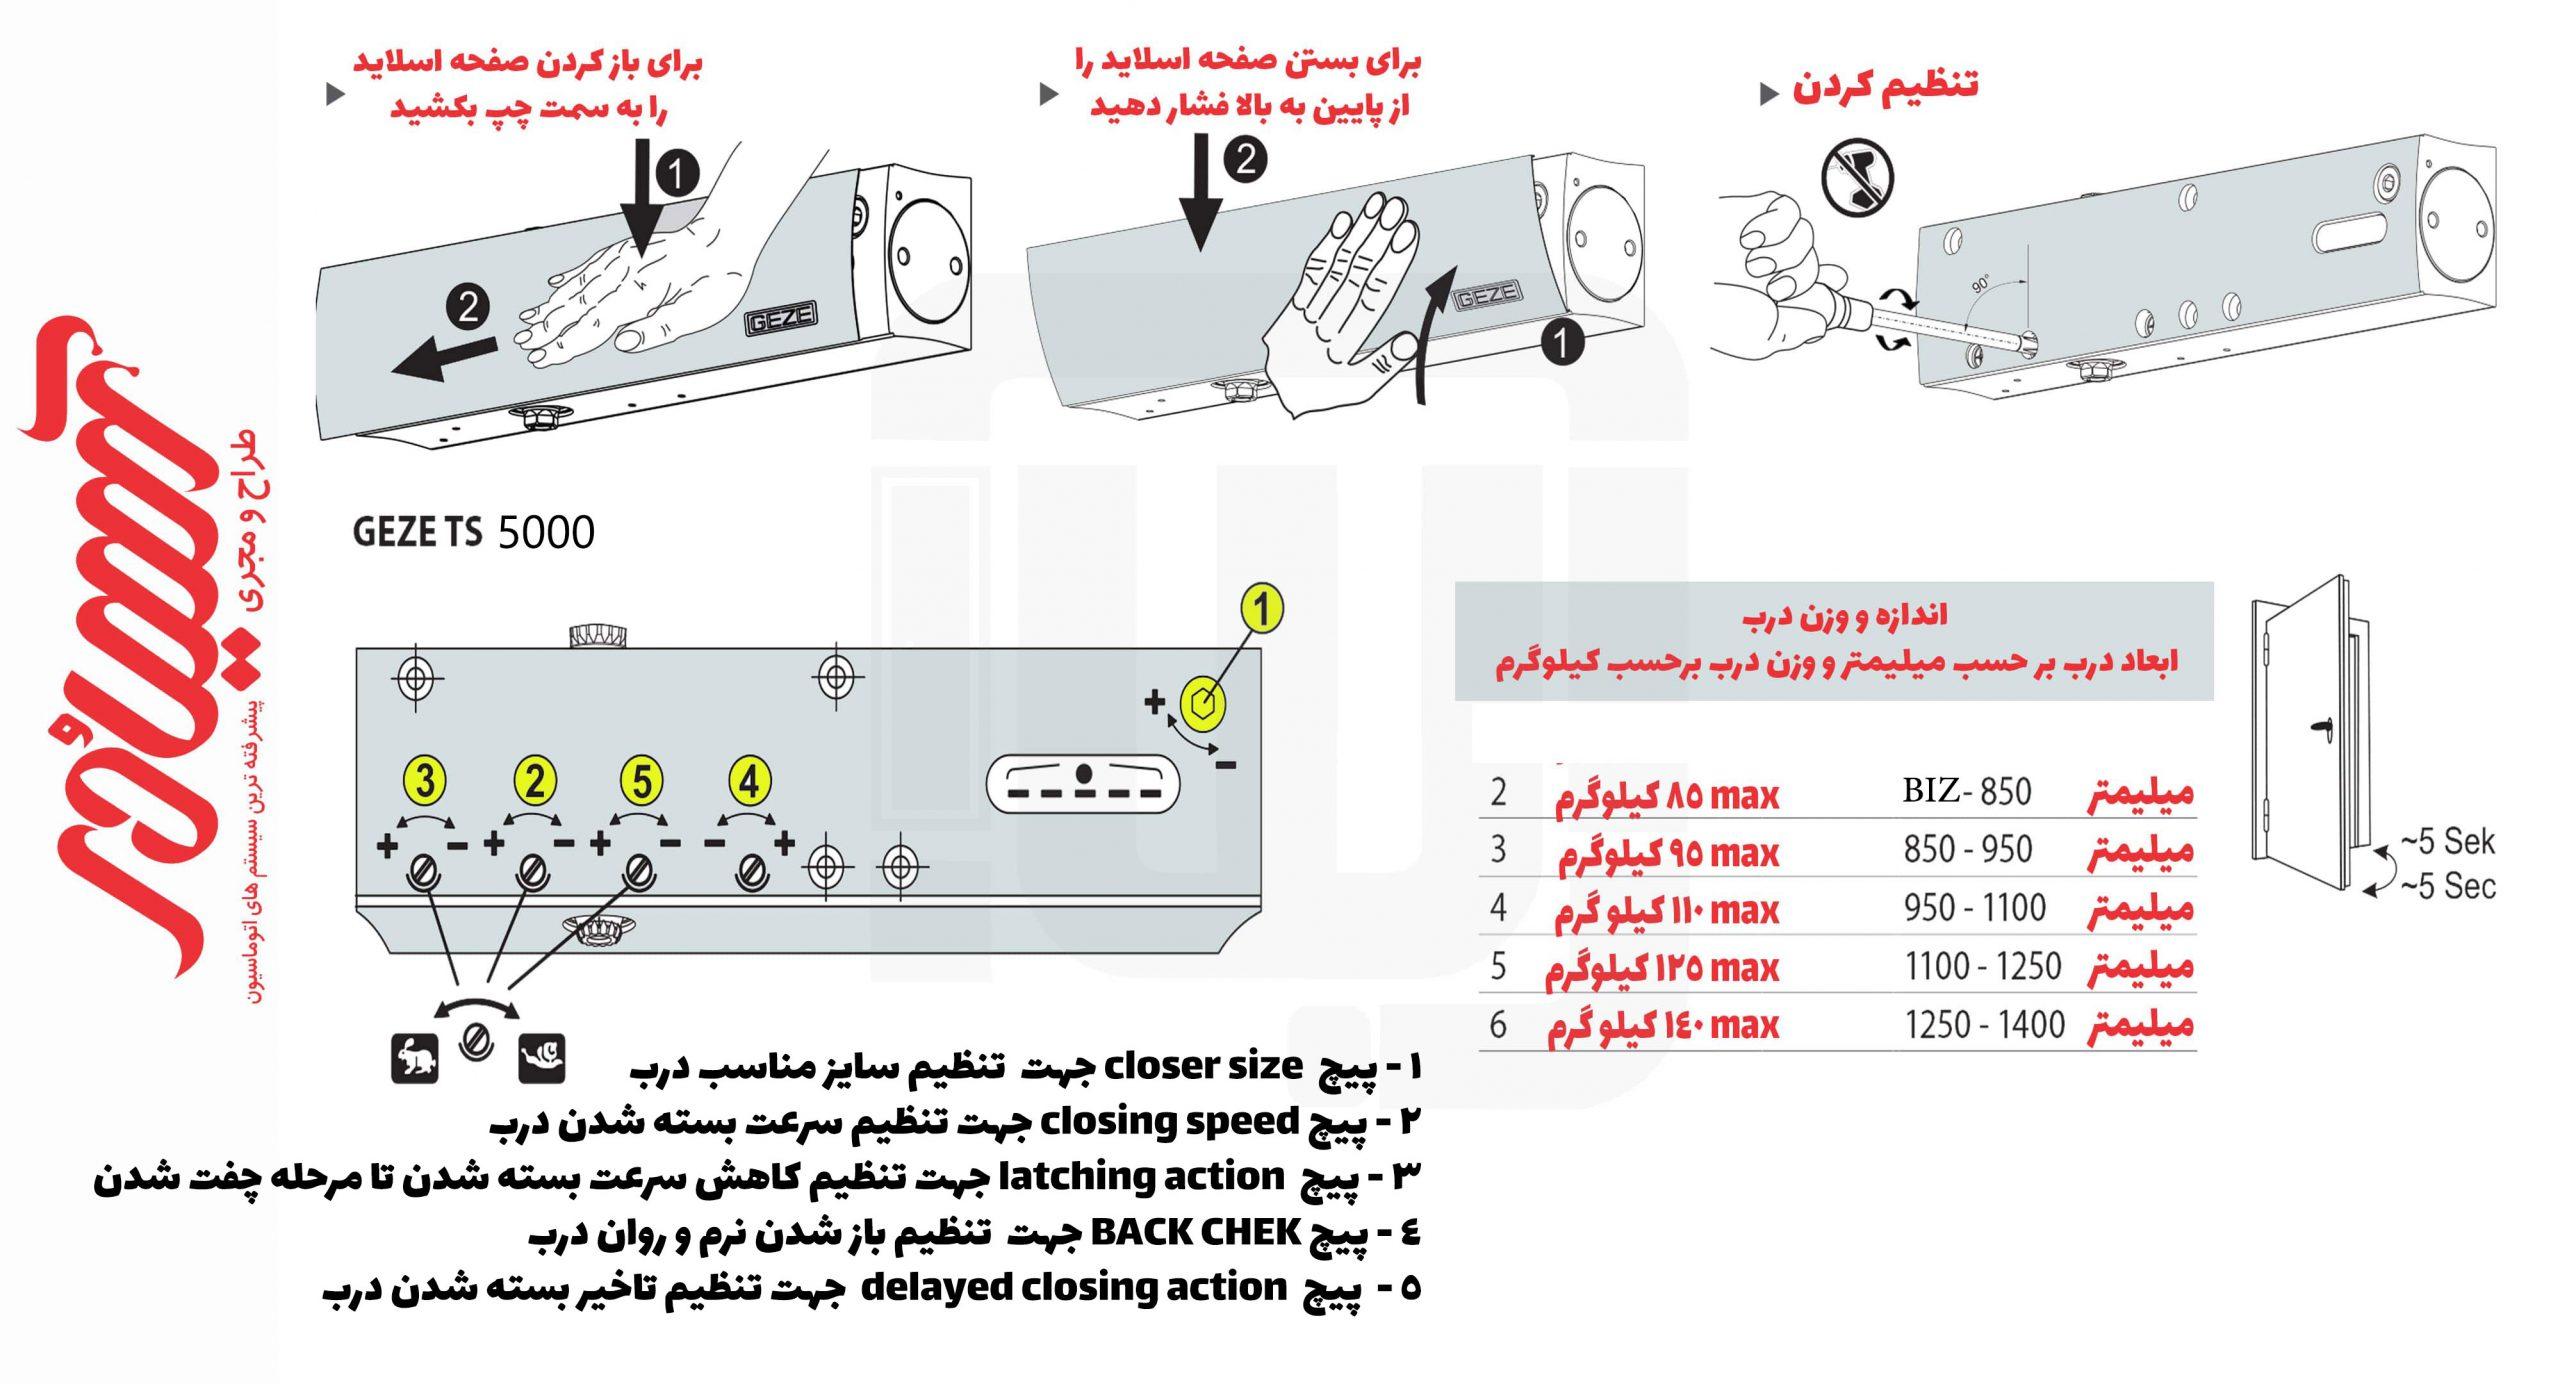 تنظیمات و نصب گزه ts 5000